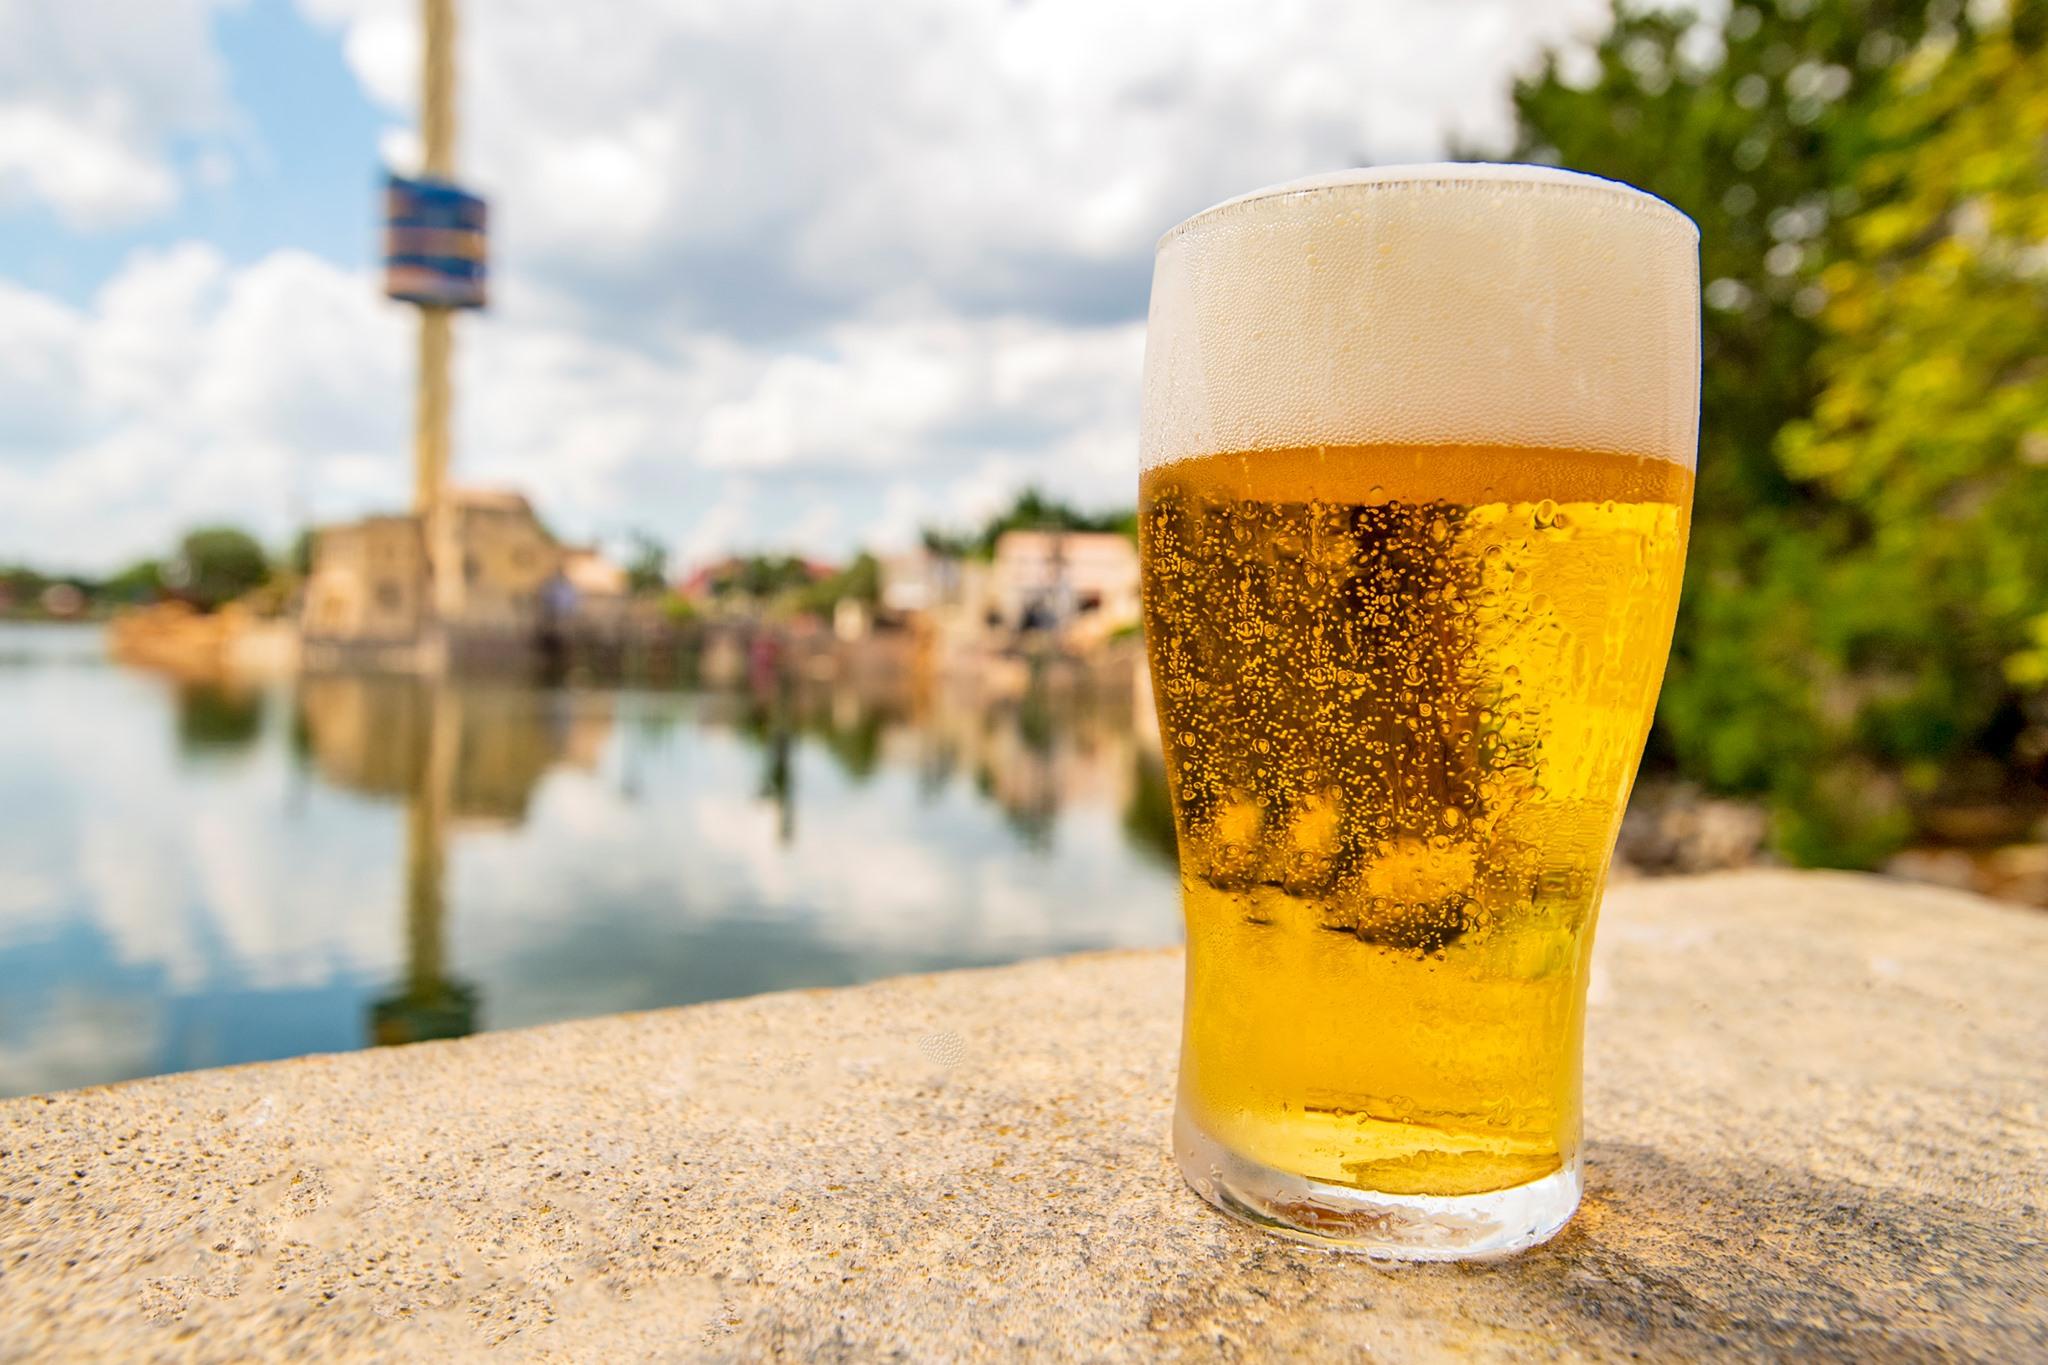 Seaworld free beer